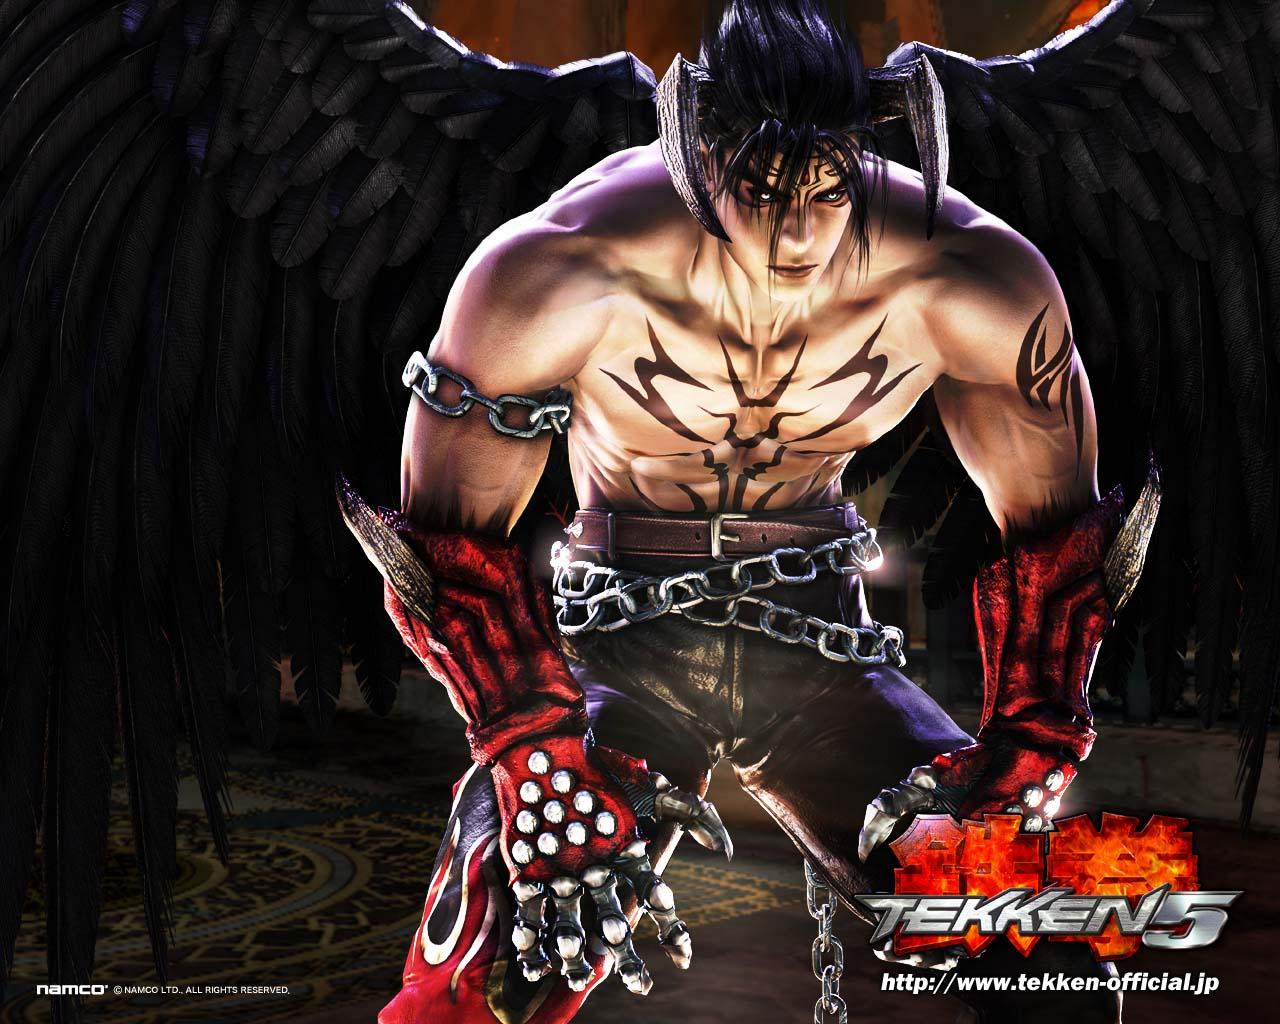 48 Jin Kazama Wallpaper Tekken 5 On Wallpapersafari